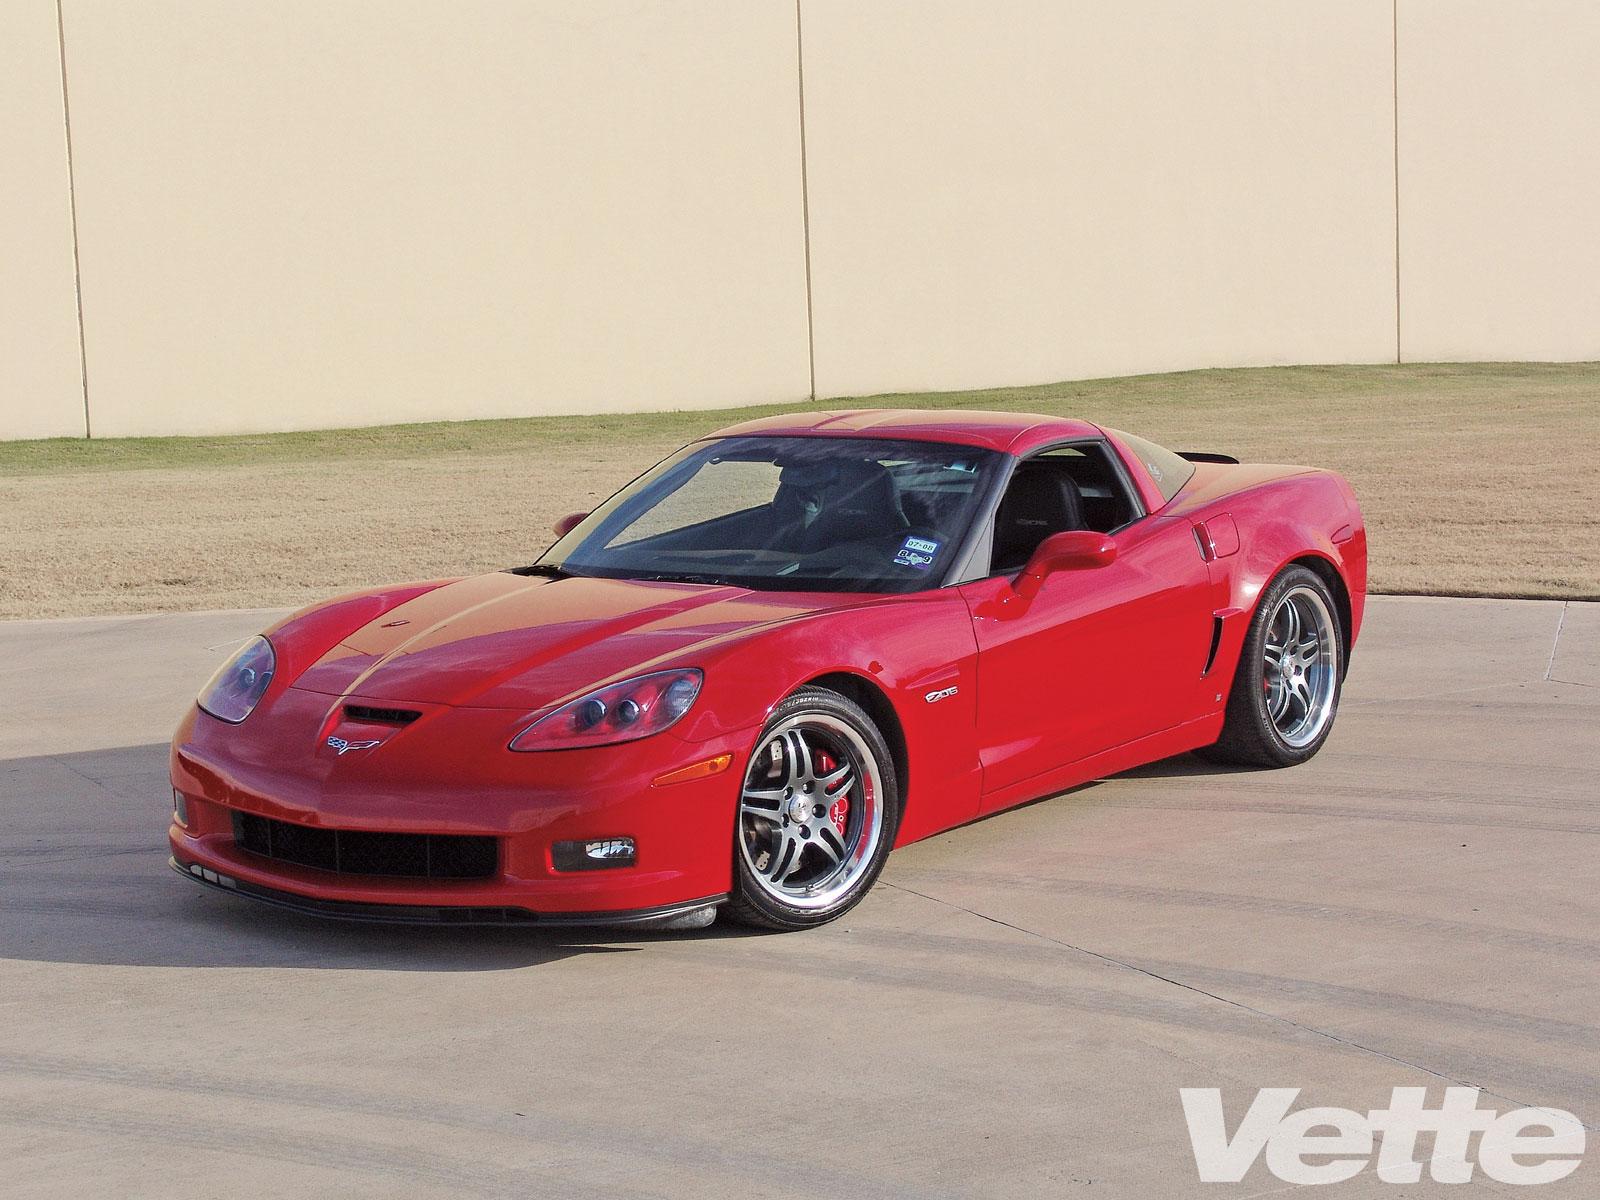 vemp-1003-03-o-factory-c6-z06-wheels-red-z06-corvette.jpg